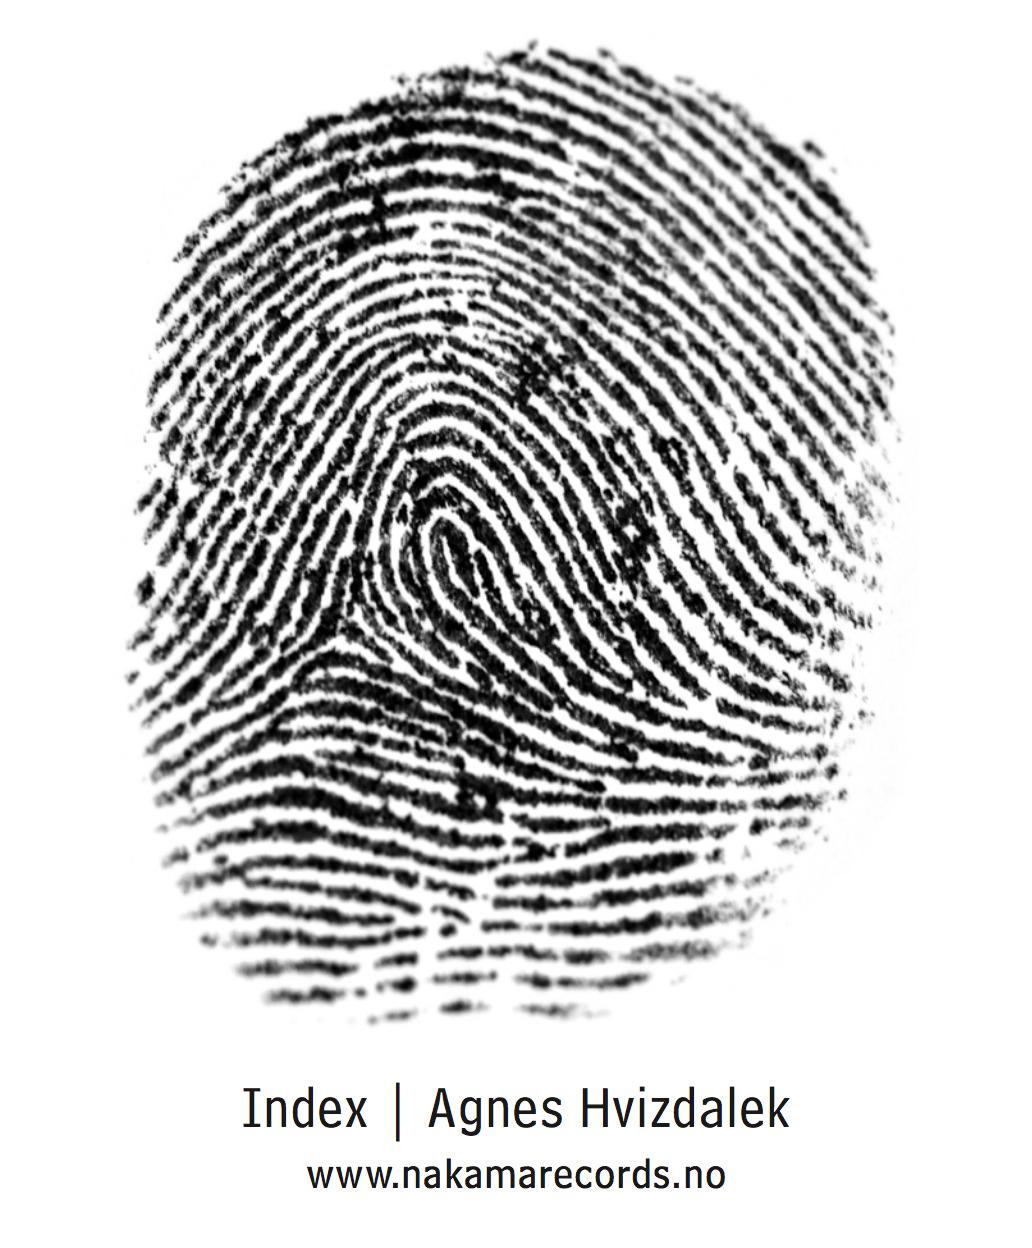 Index nakamarecords